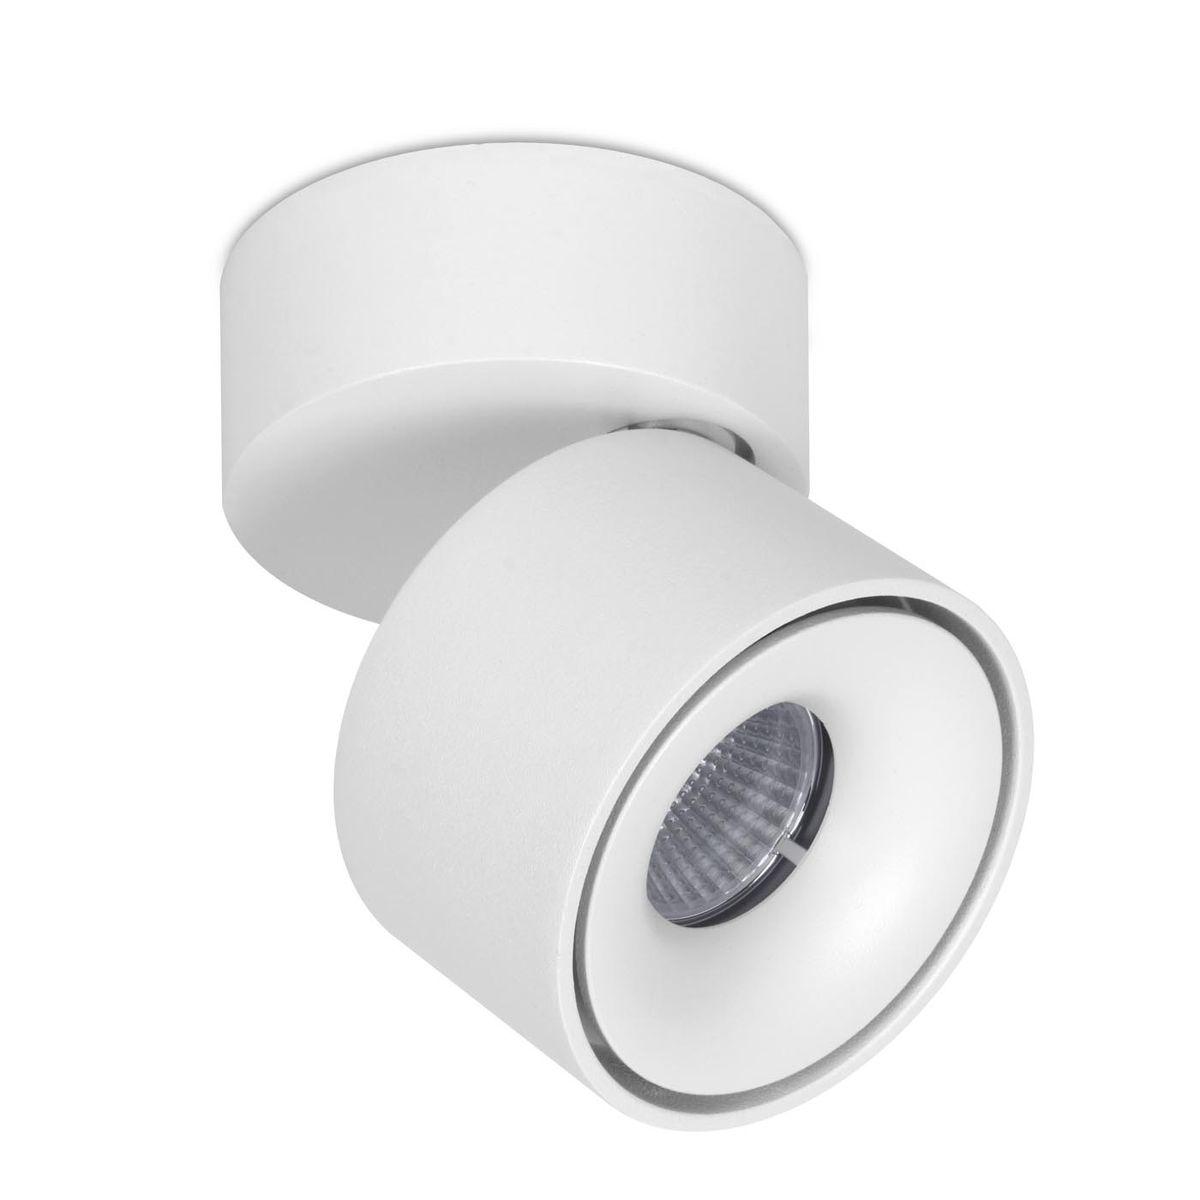 спот spot light 2404428 Спот Ambrella light TN268 Techno Spot